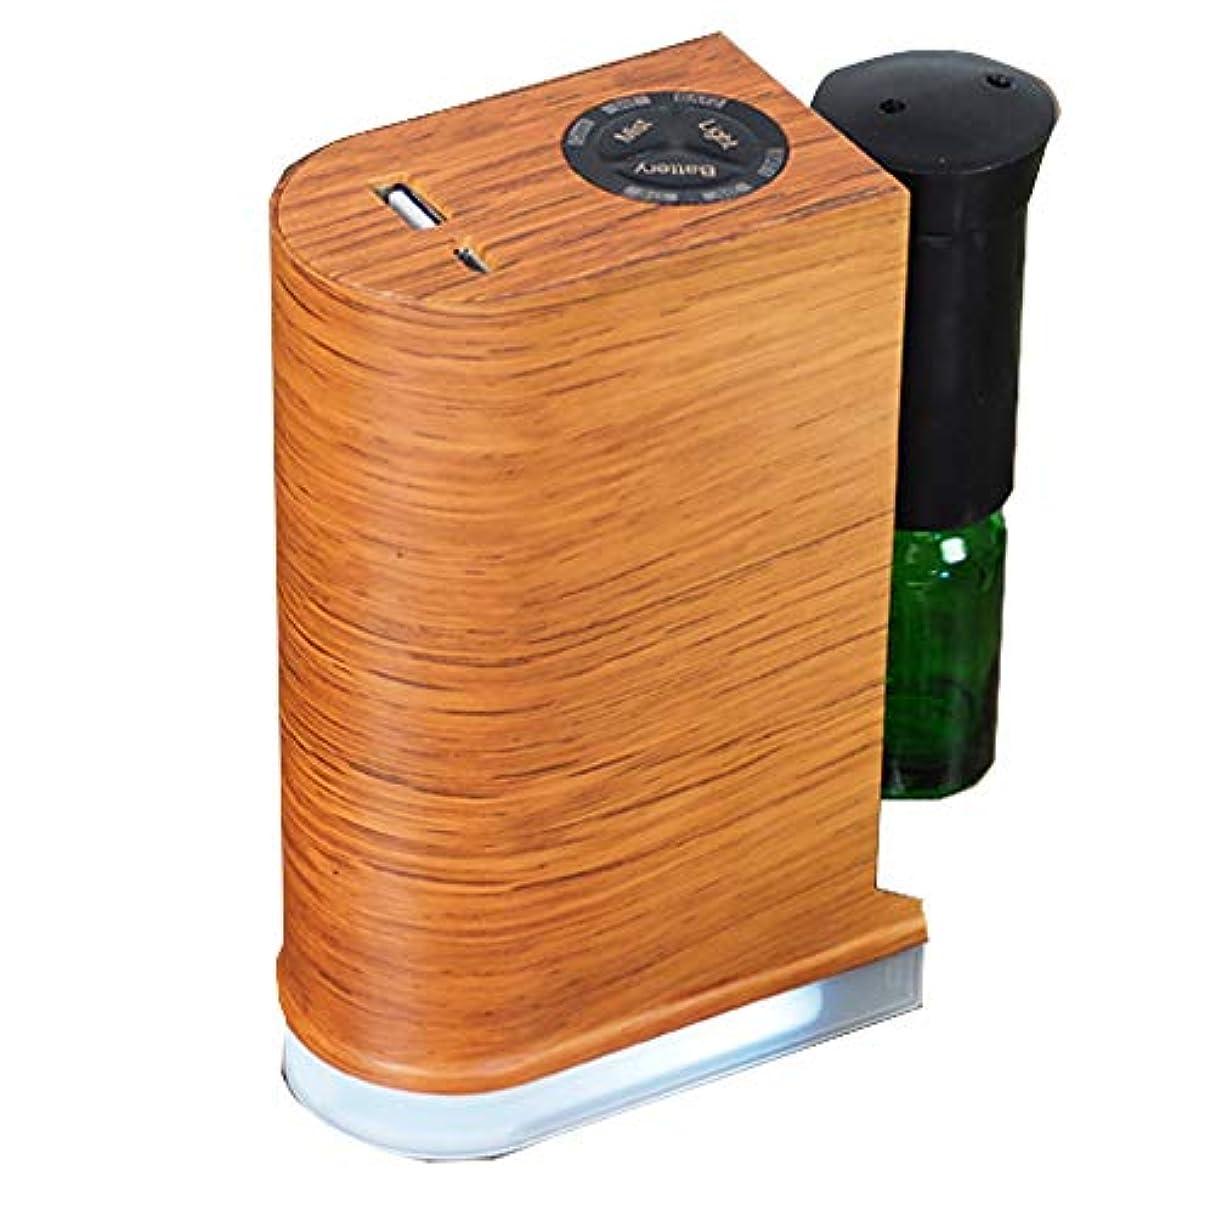 前兆無条件稼ぐ木目調ネブライザー式ディフューザー【ブラウン】 / Q-001-BR / ###アロマQ-001茶###